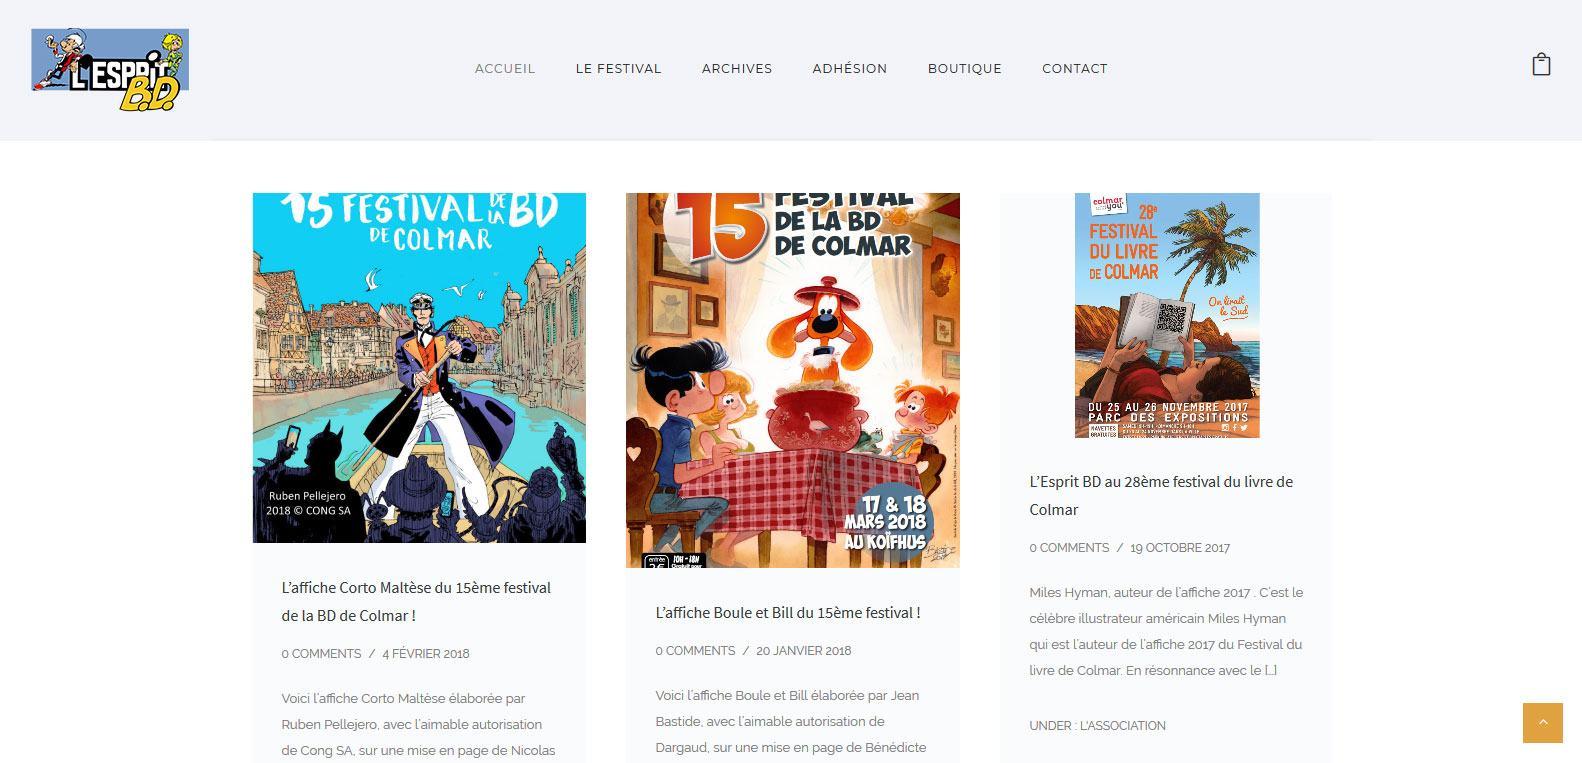 Les bds à l'affiche du 15ème festival d'esprit bd. Client Karedess, agence web à Mulhouse